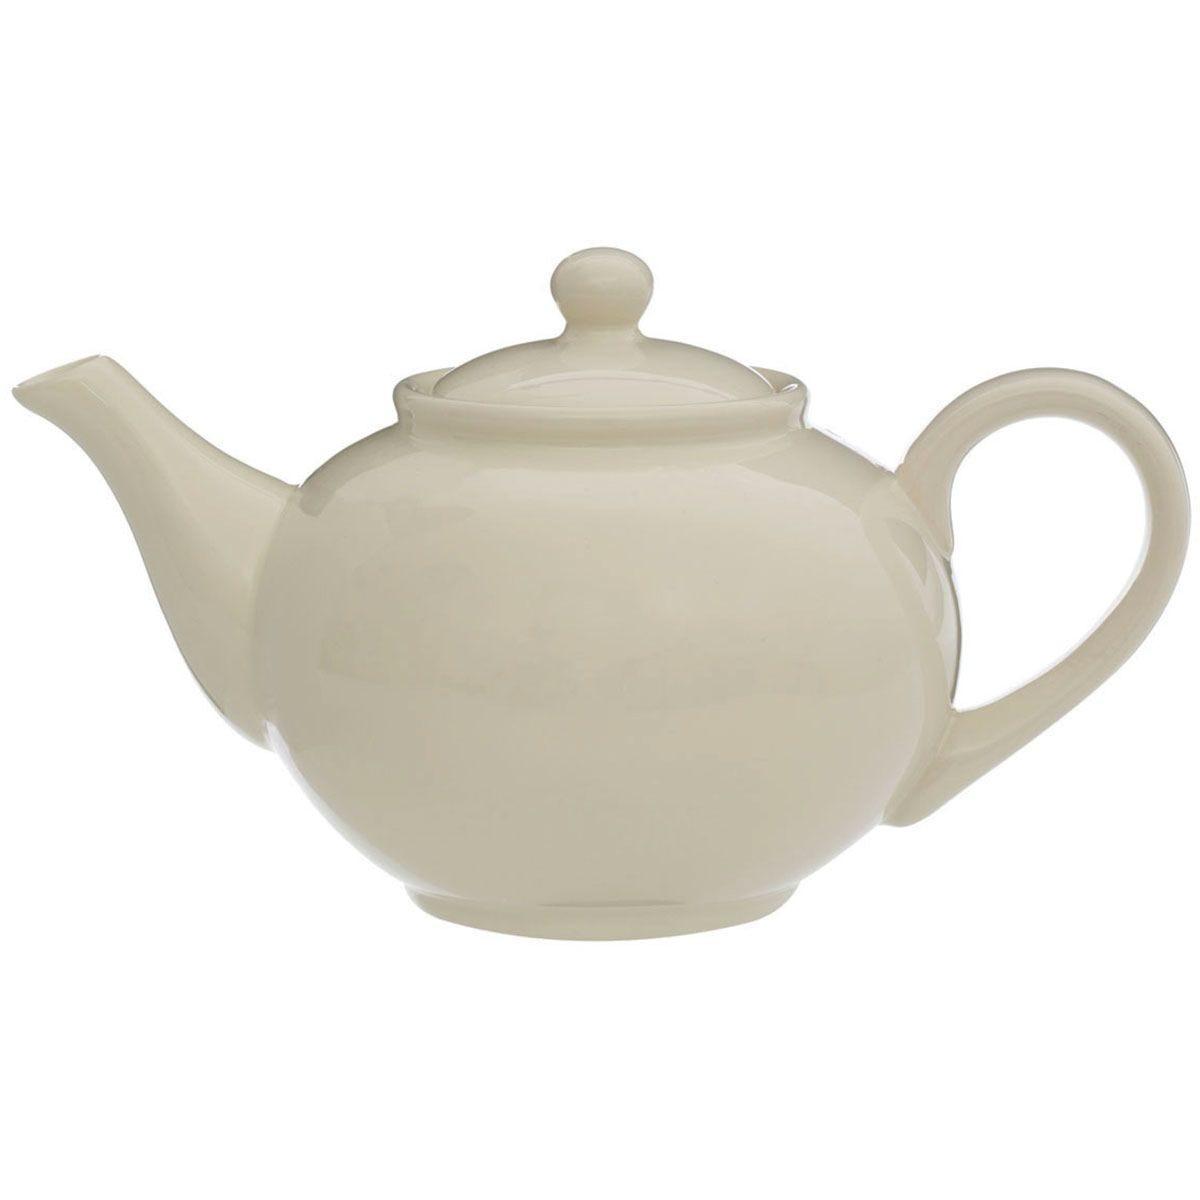 Premier Housewares 1.3L Teapot - Cream